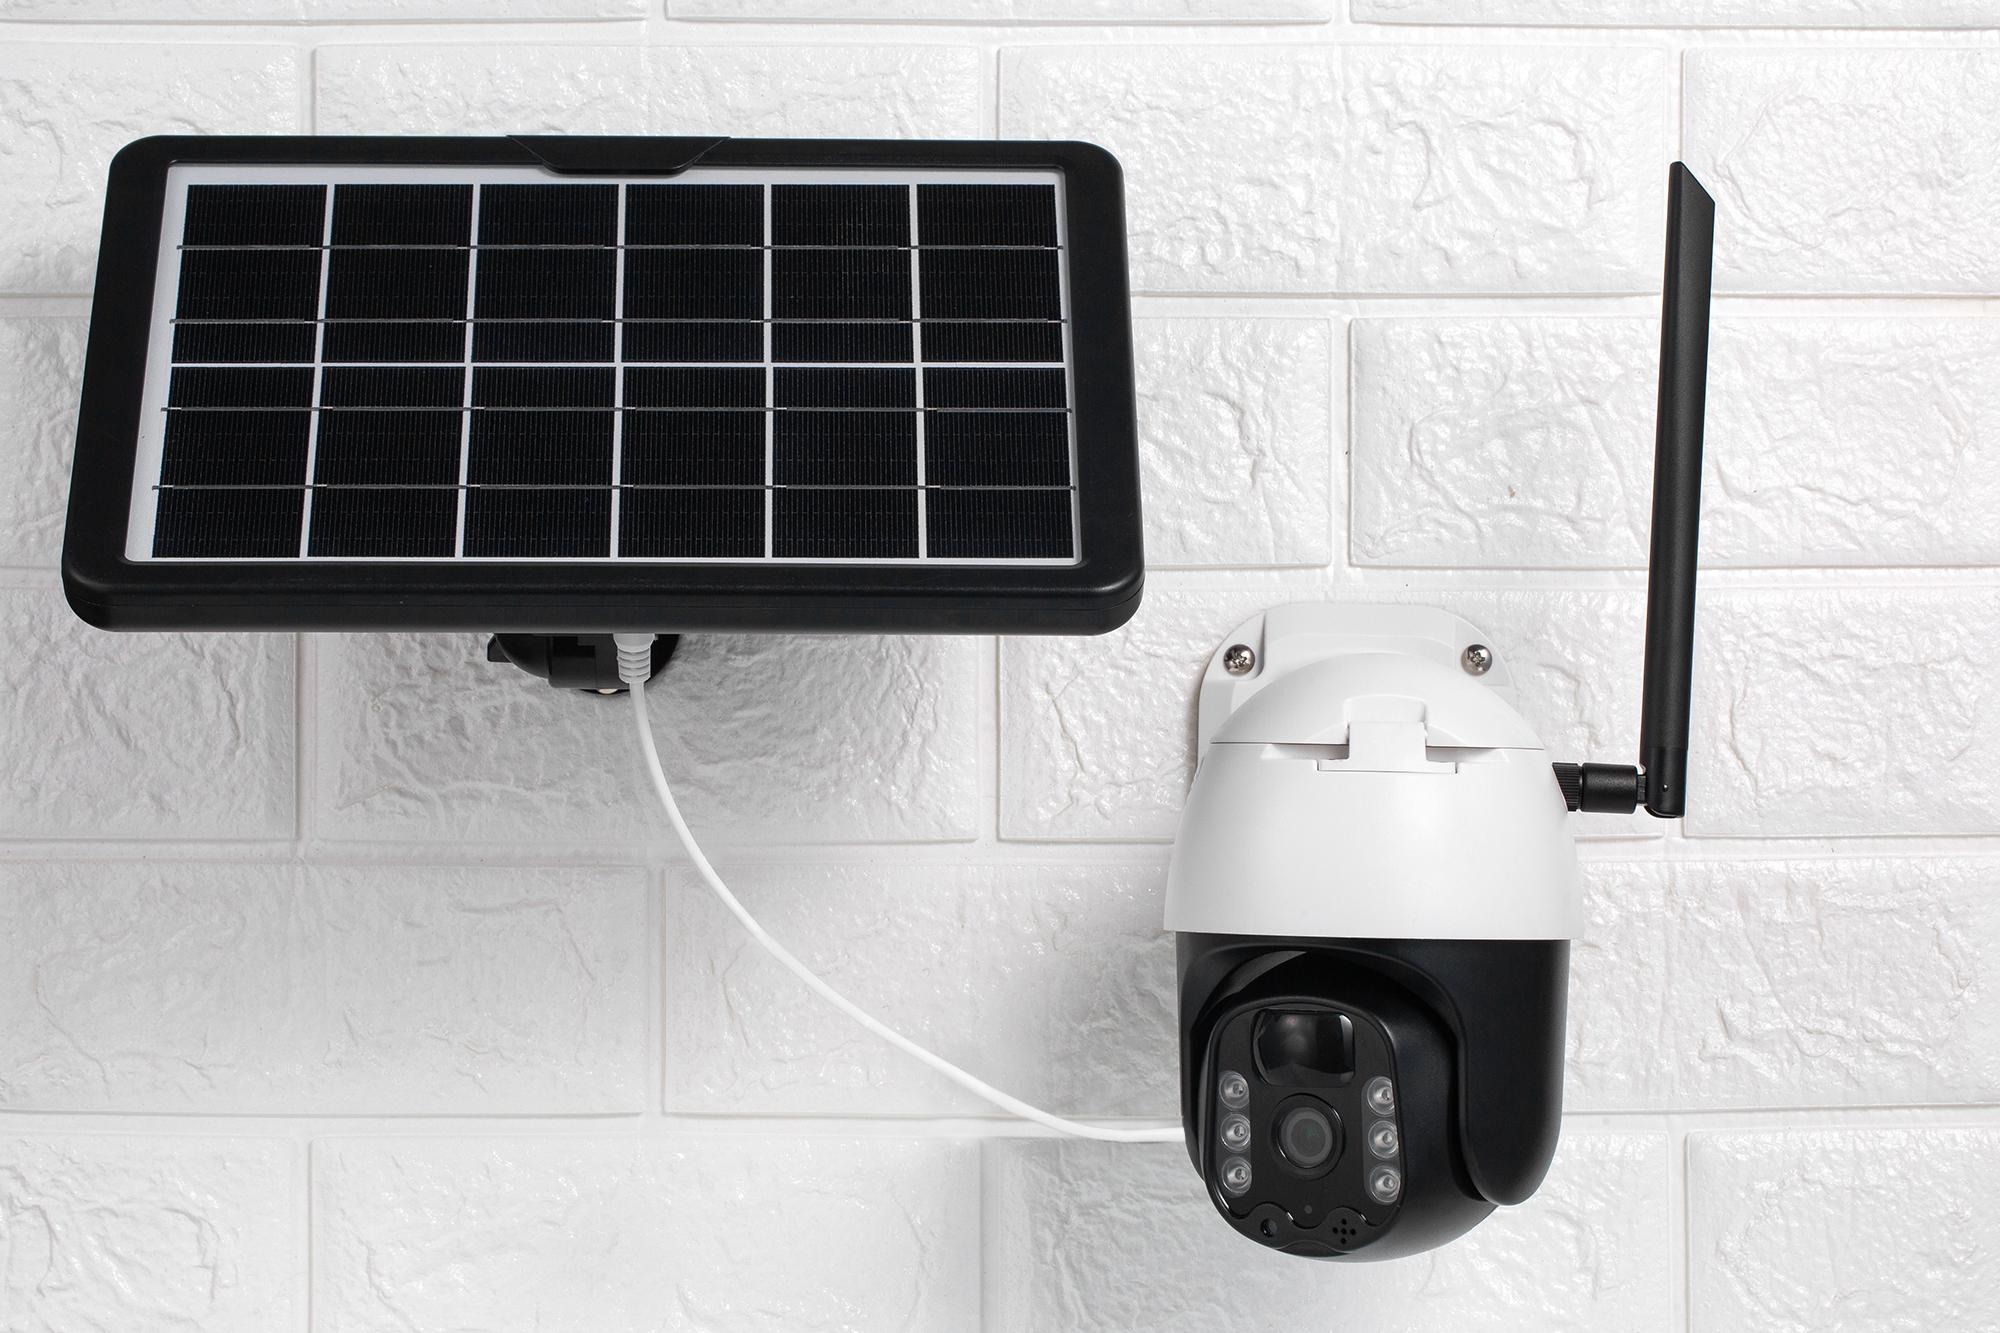 caméra pilotable avec panneau solaire indépendant